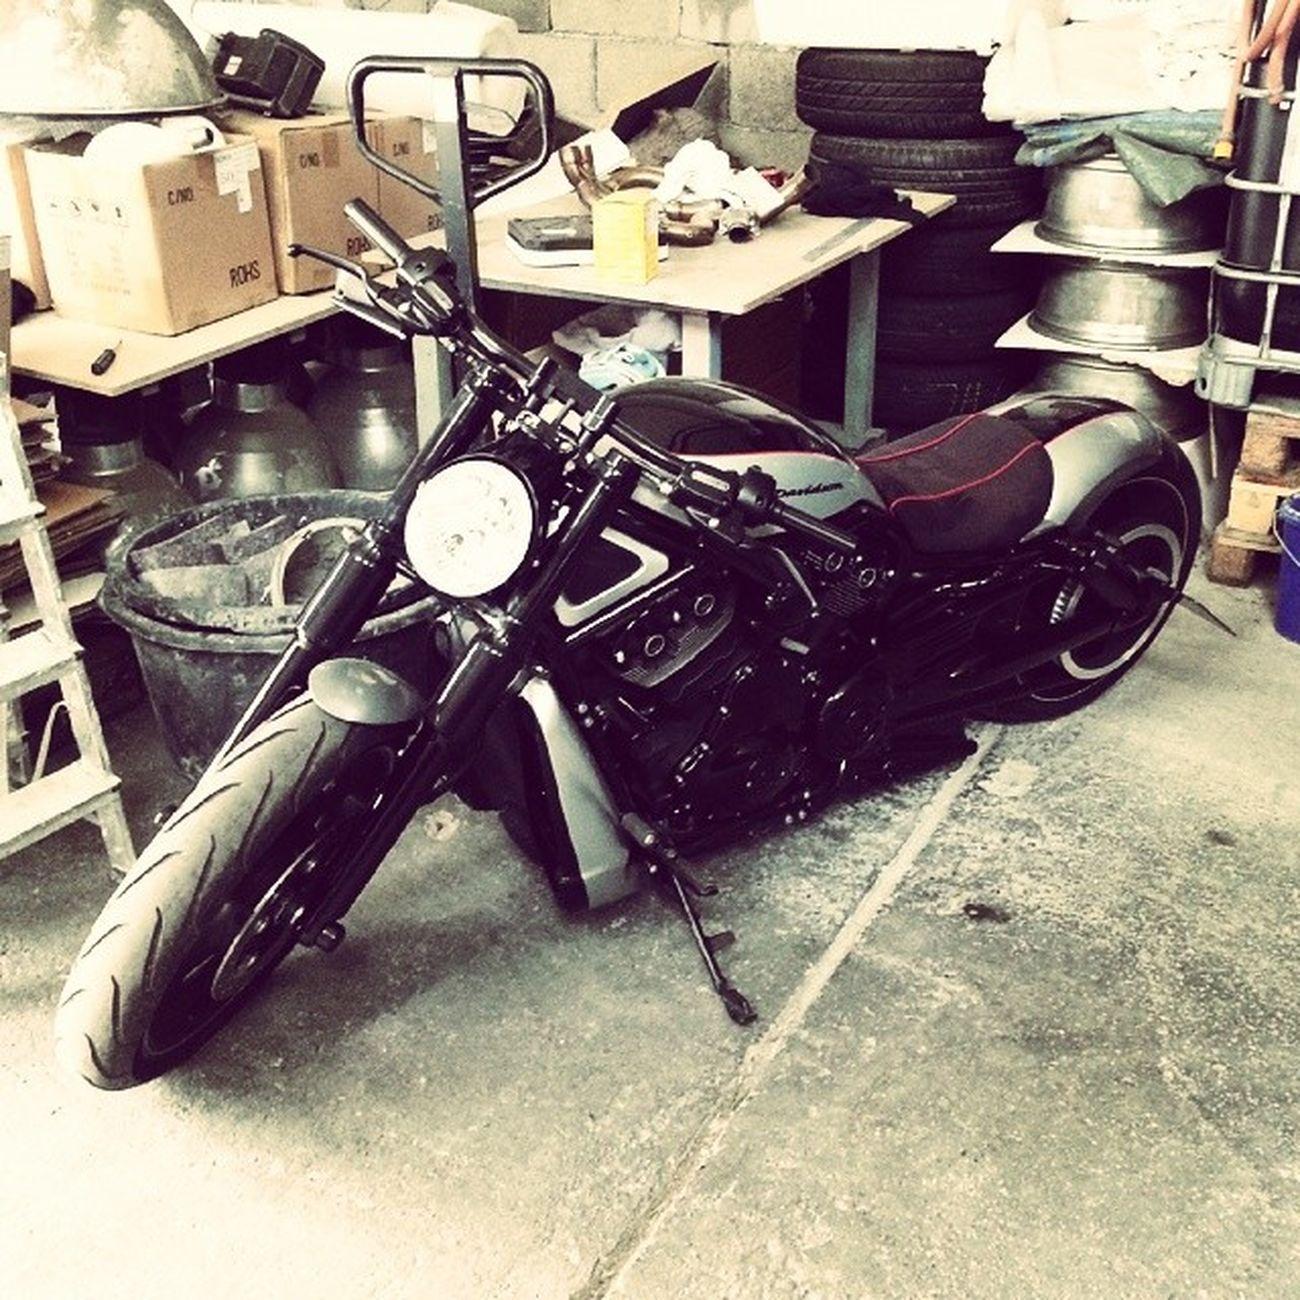 Brutal Custombike Geile Maschine Harleydavidson Nice Instabike Brutaler Sound